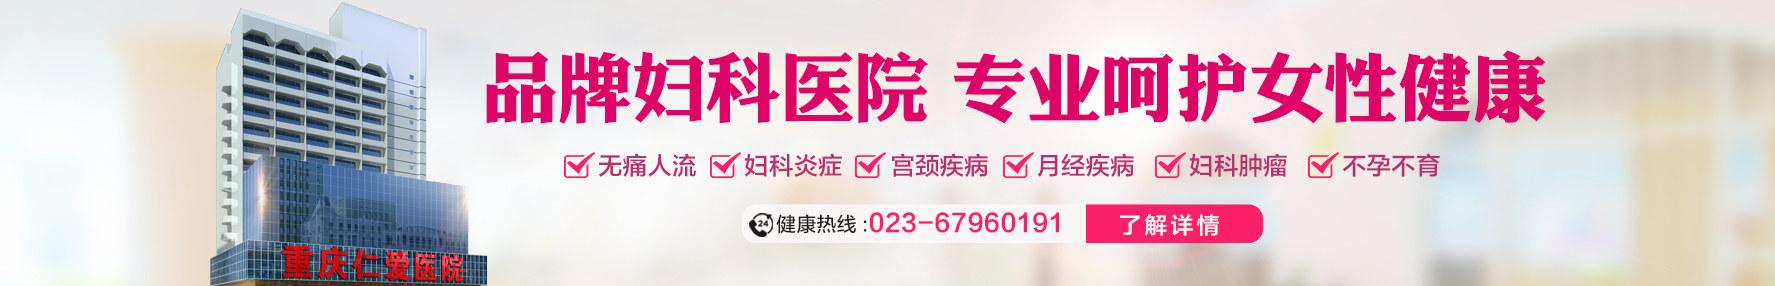 重庆妇科医院